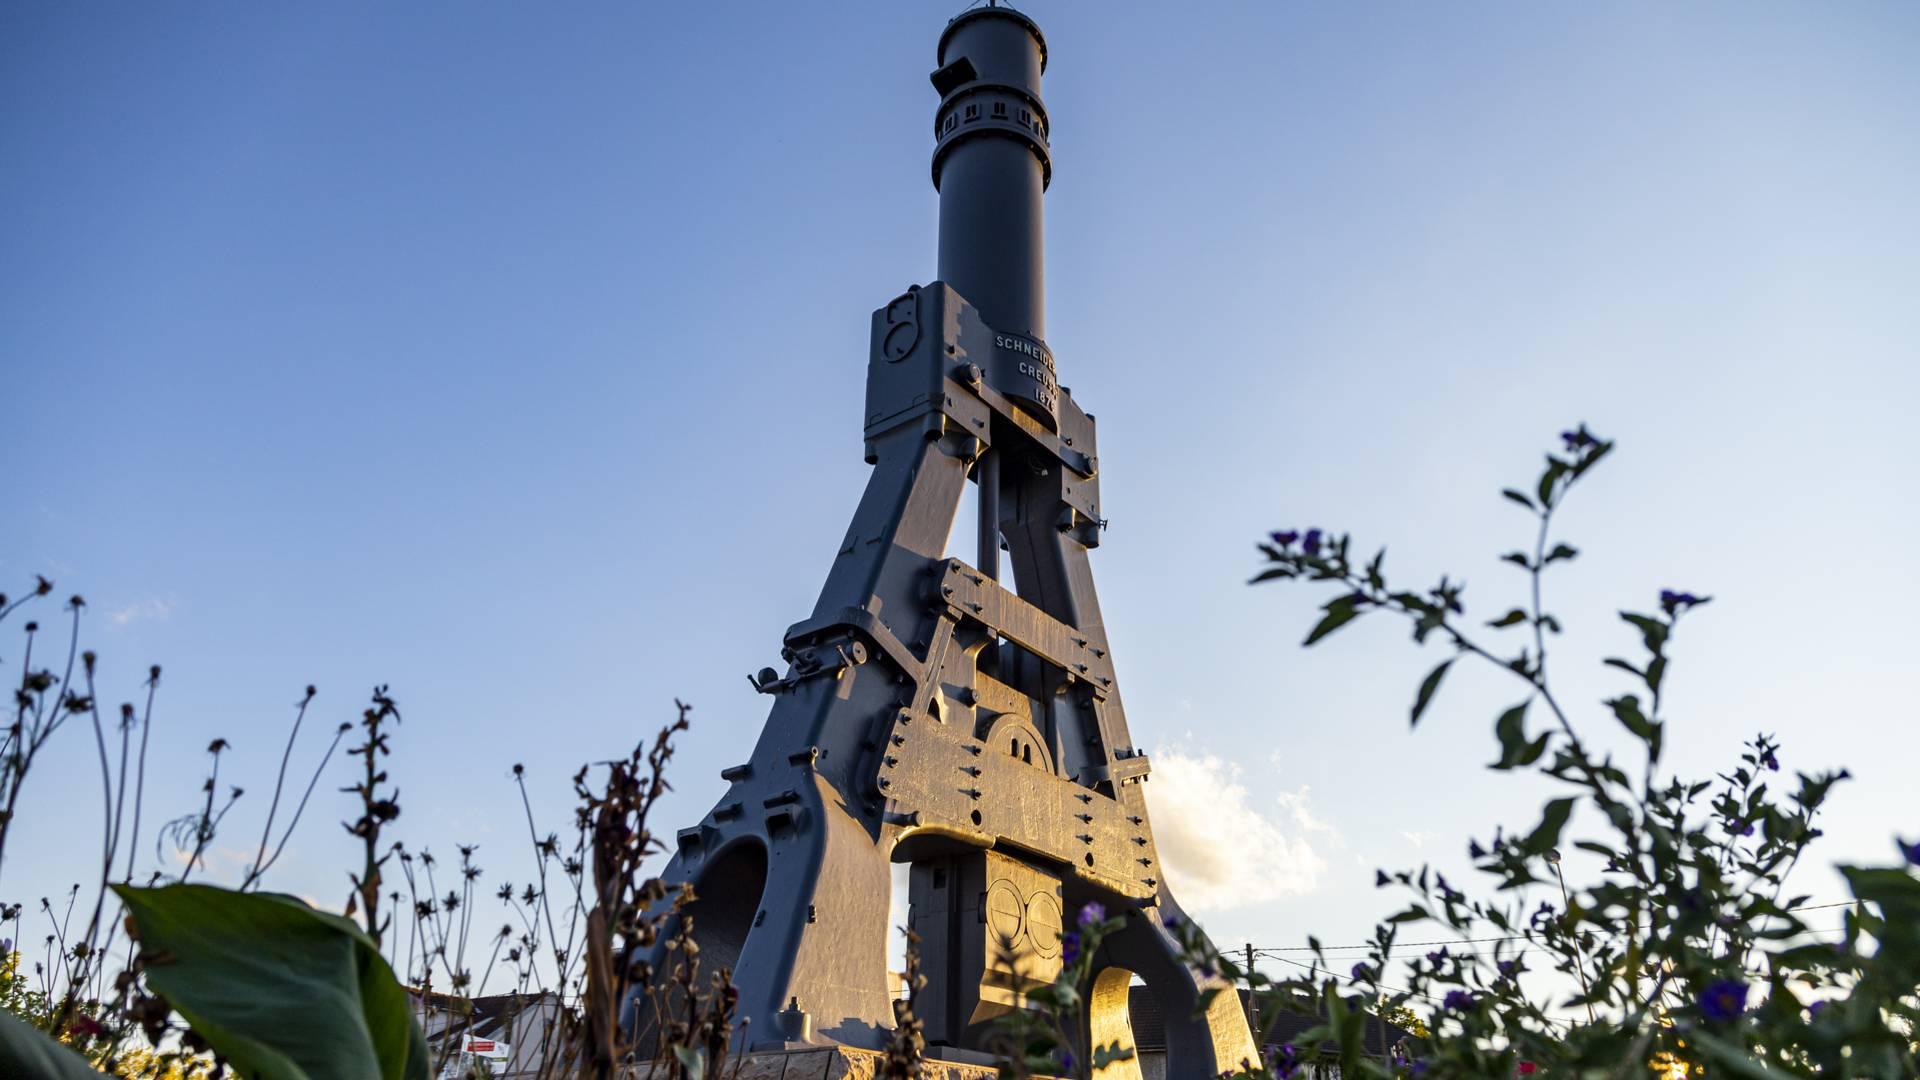 Le marteau-pilon, carrefour du 8 Mai 1945, Le Creusot. © Lesley Williamson.